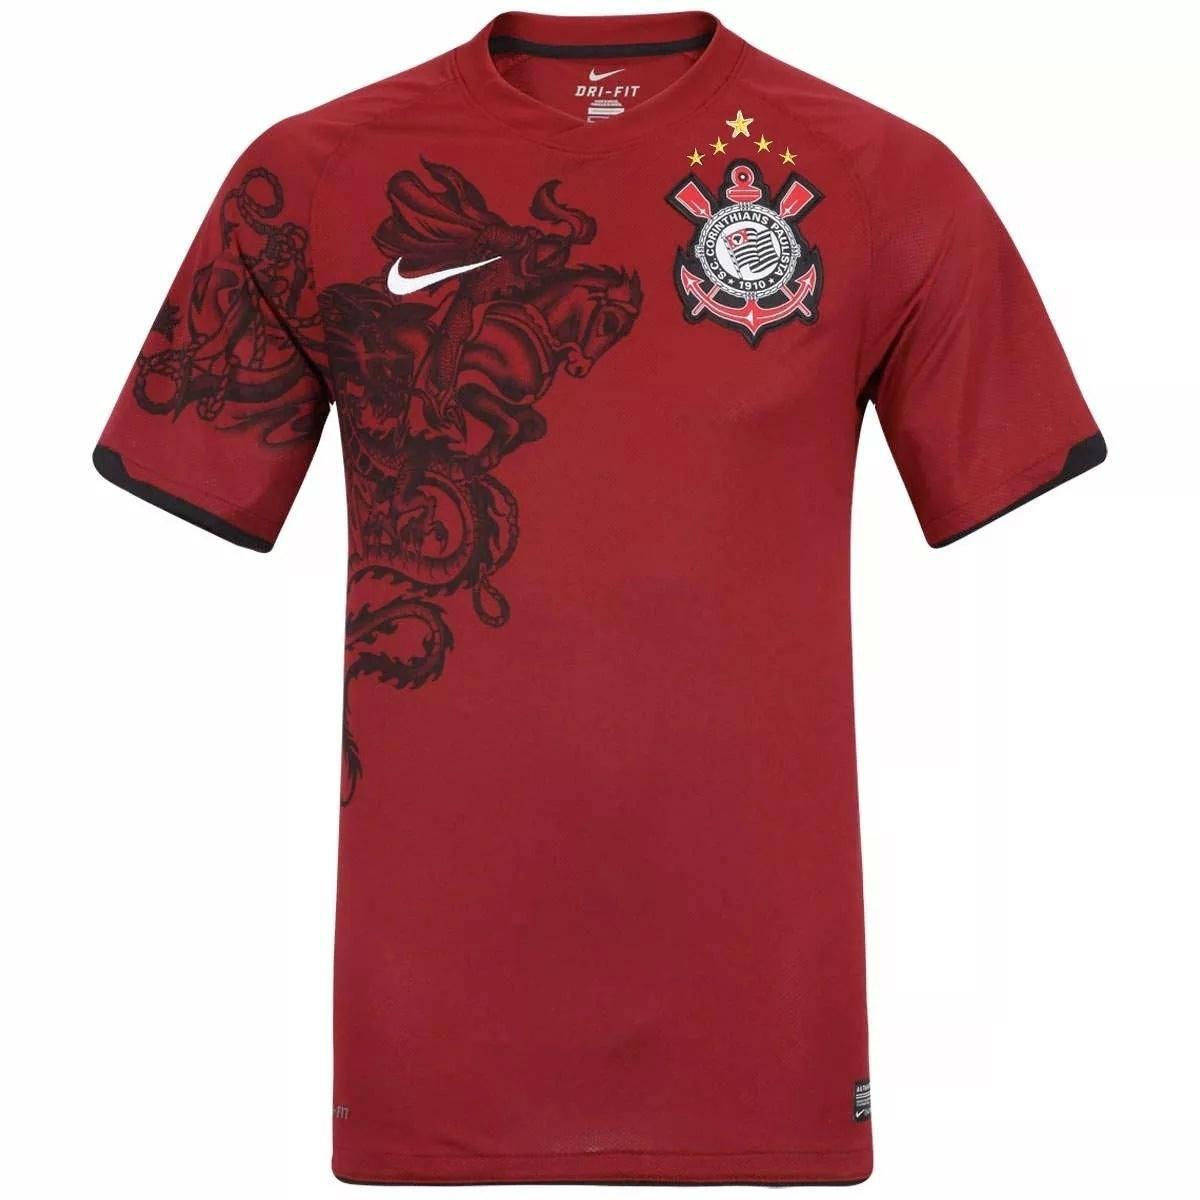 A camisa cinza foi feita em 2012 para homenagear o Estado de São Paulo. O  modelo vinha com detalhes que lembravam o formato da região ae51cf54103af